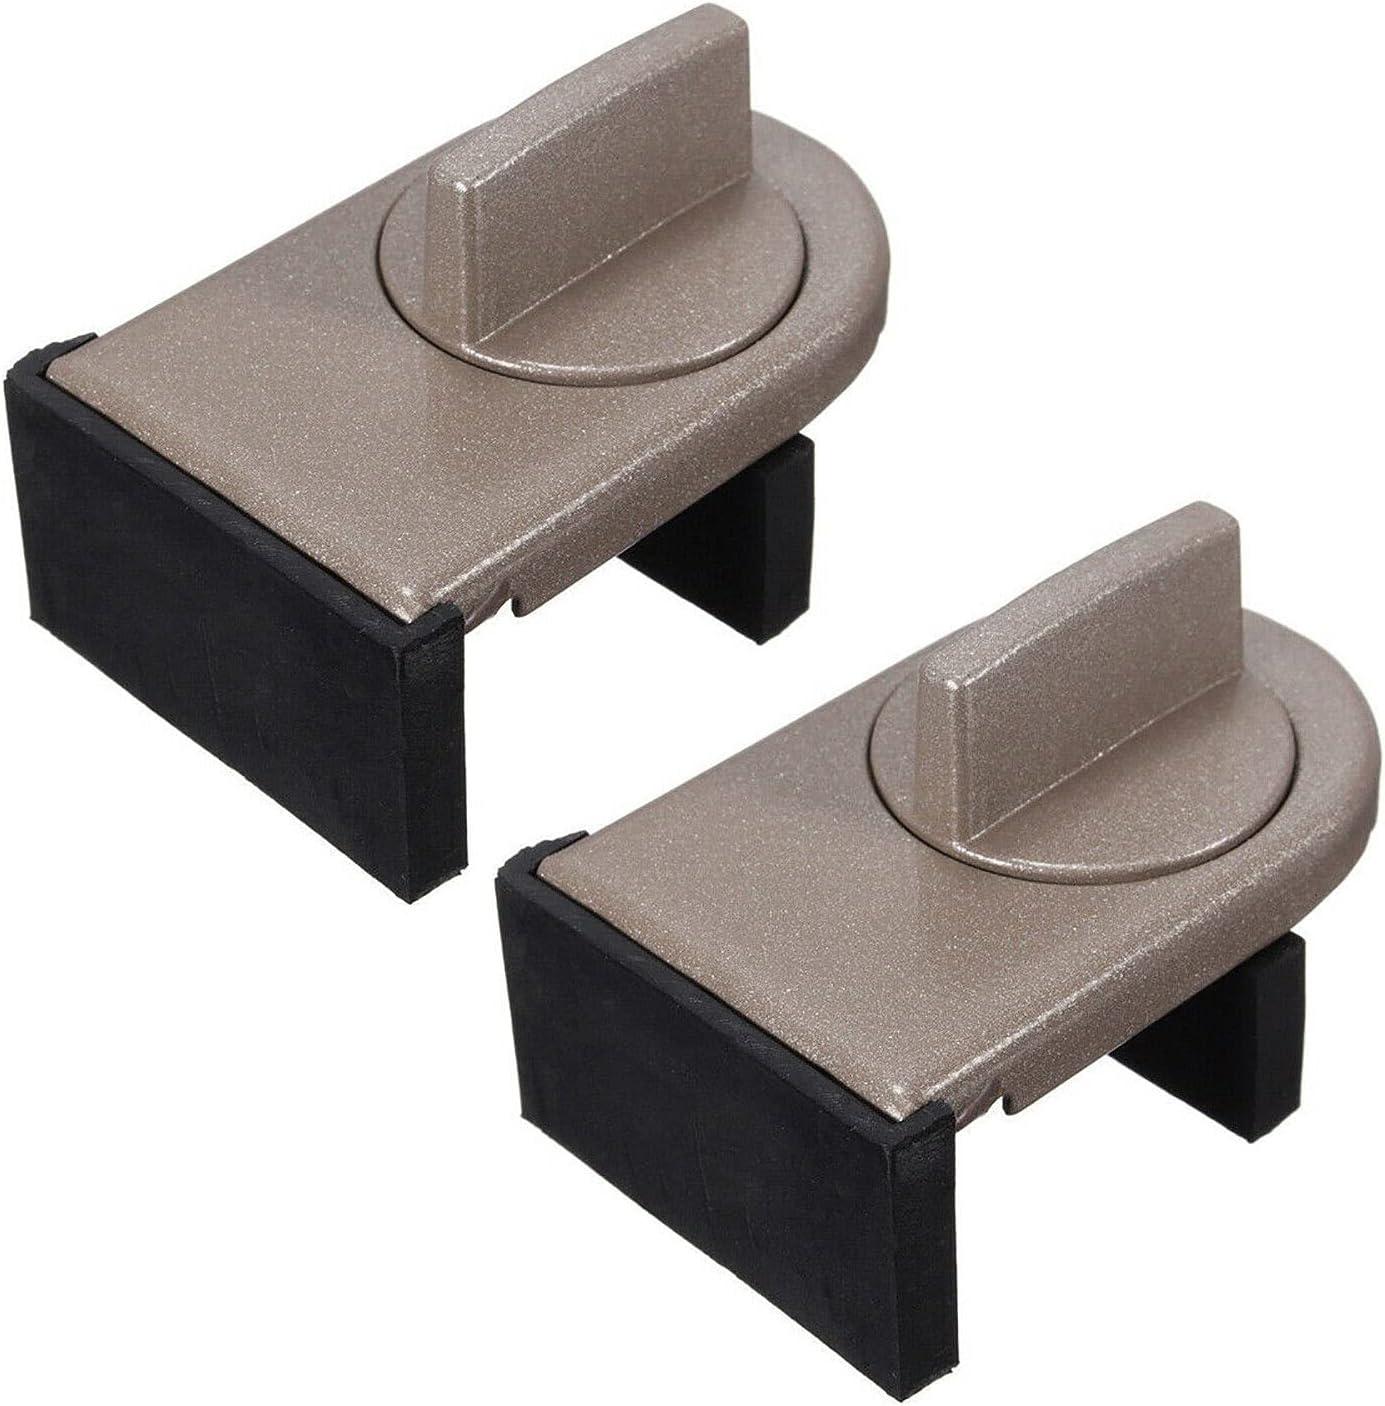 2 cerraduras de tope de hoja deslizante, herramienta de bloqueo de seguridad para ventanas deslizantes y puertas deslizantes (gris)